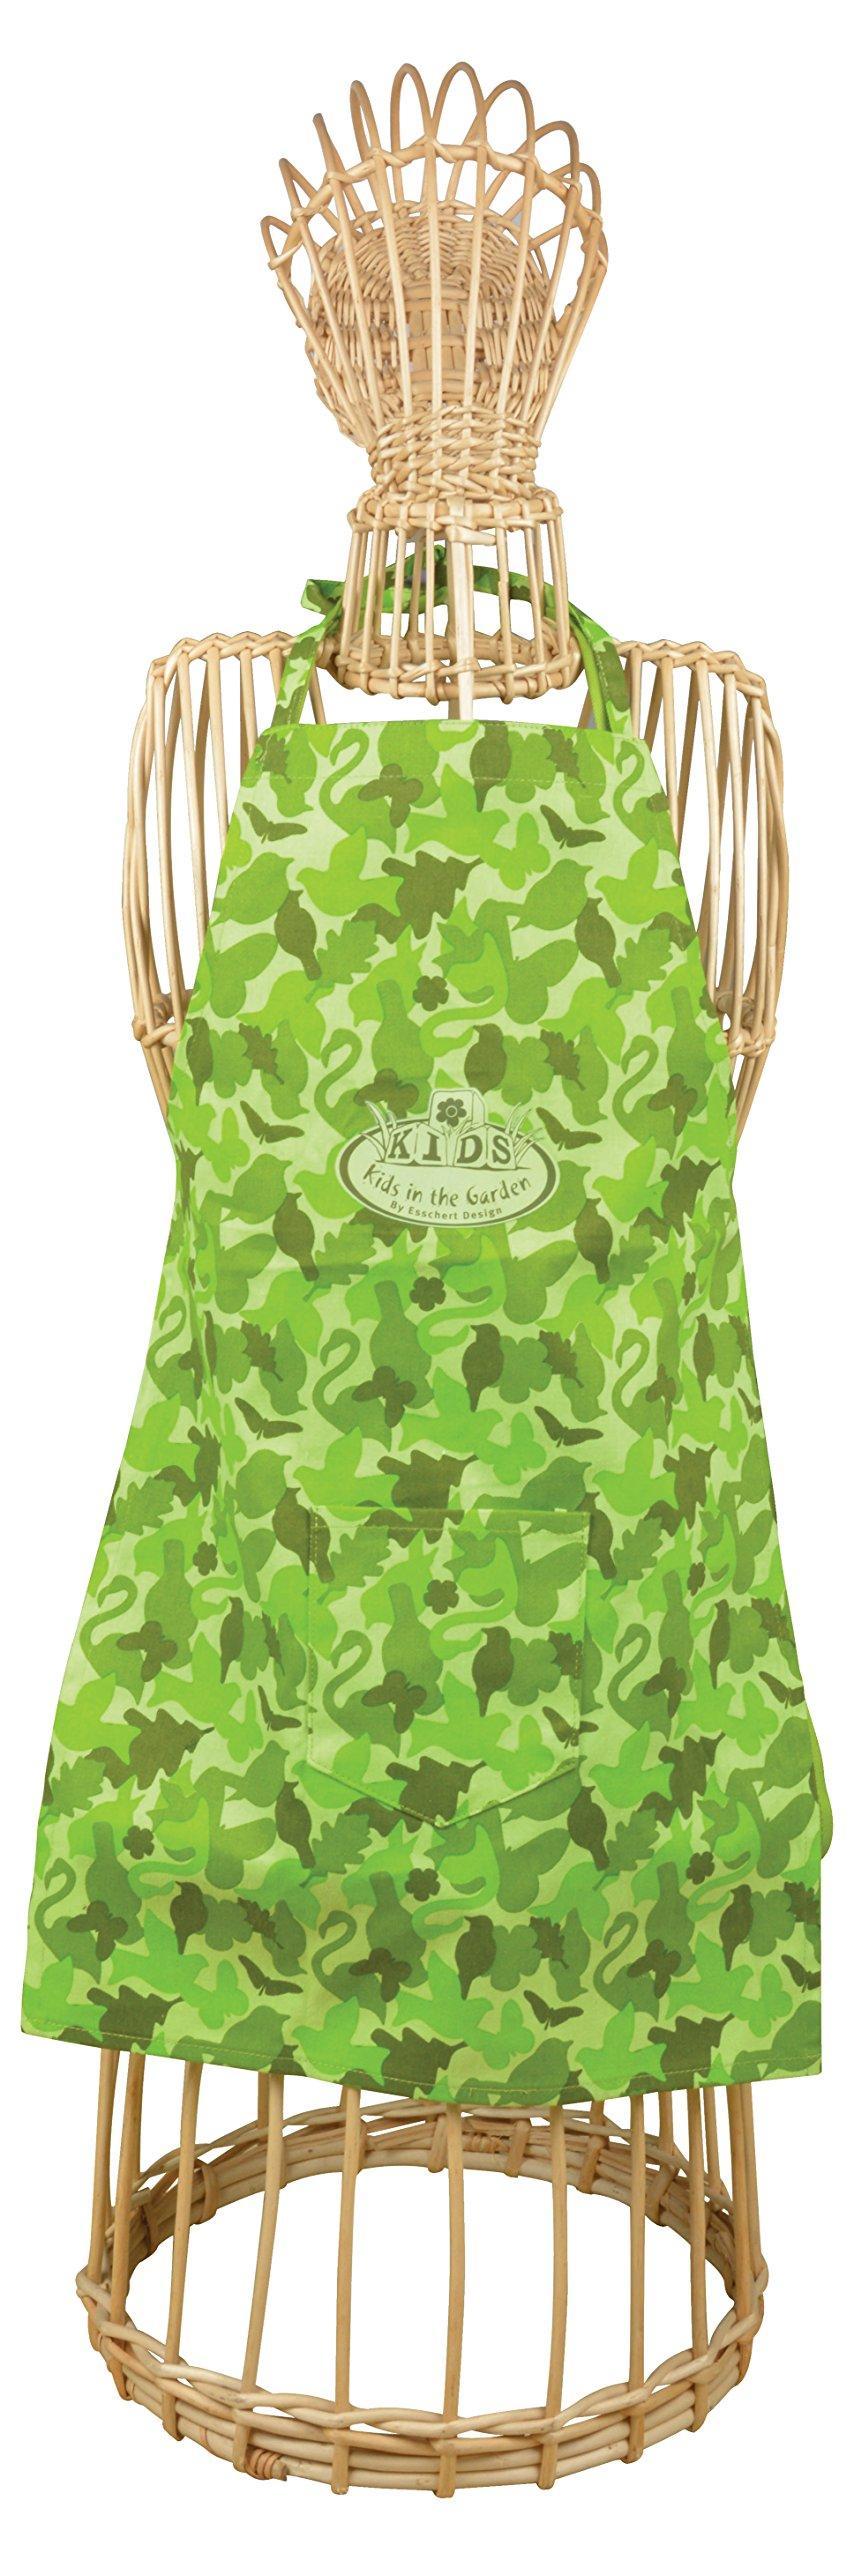 Esschert Design KG172 Children Apron Camouflage Print by Esschert Design (Image #1)